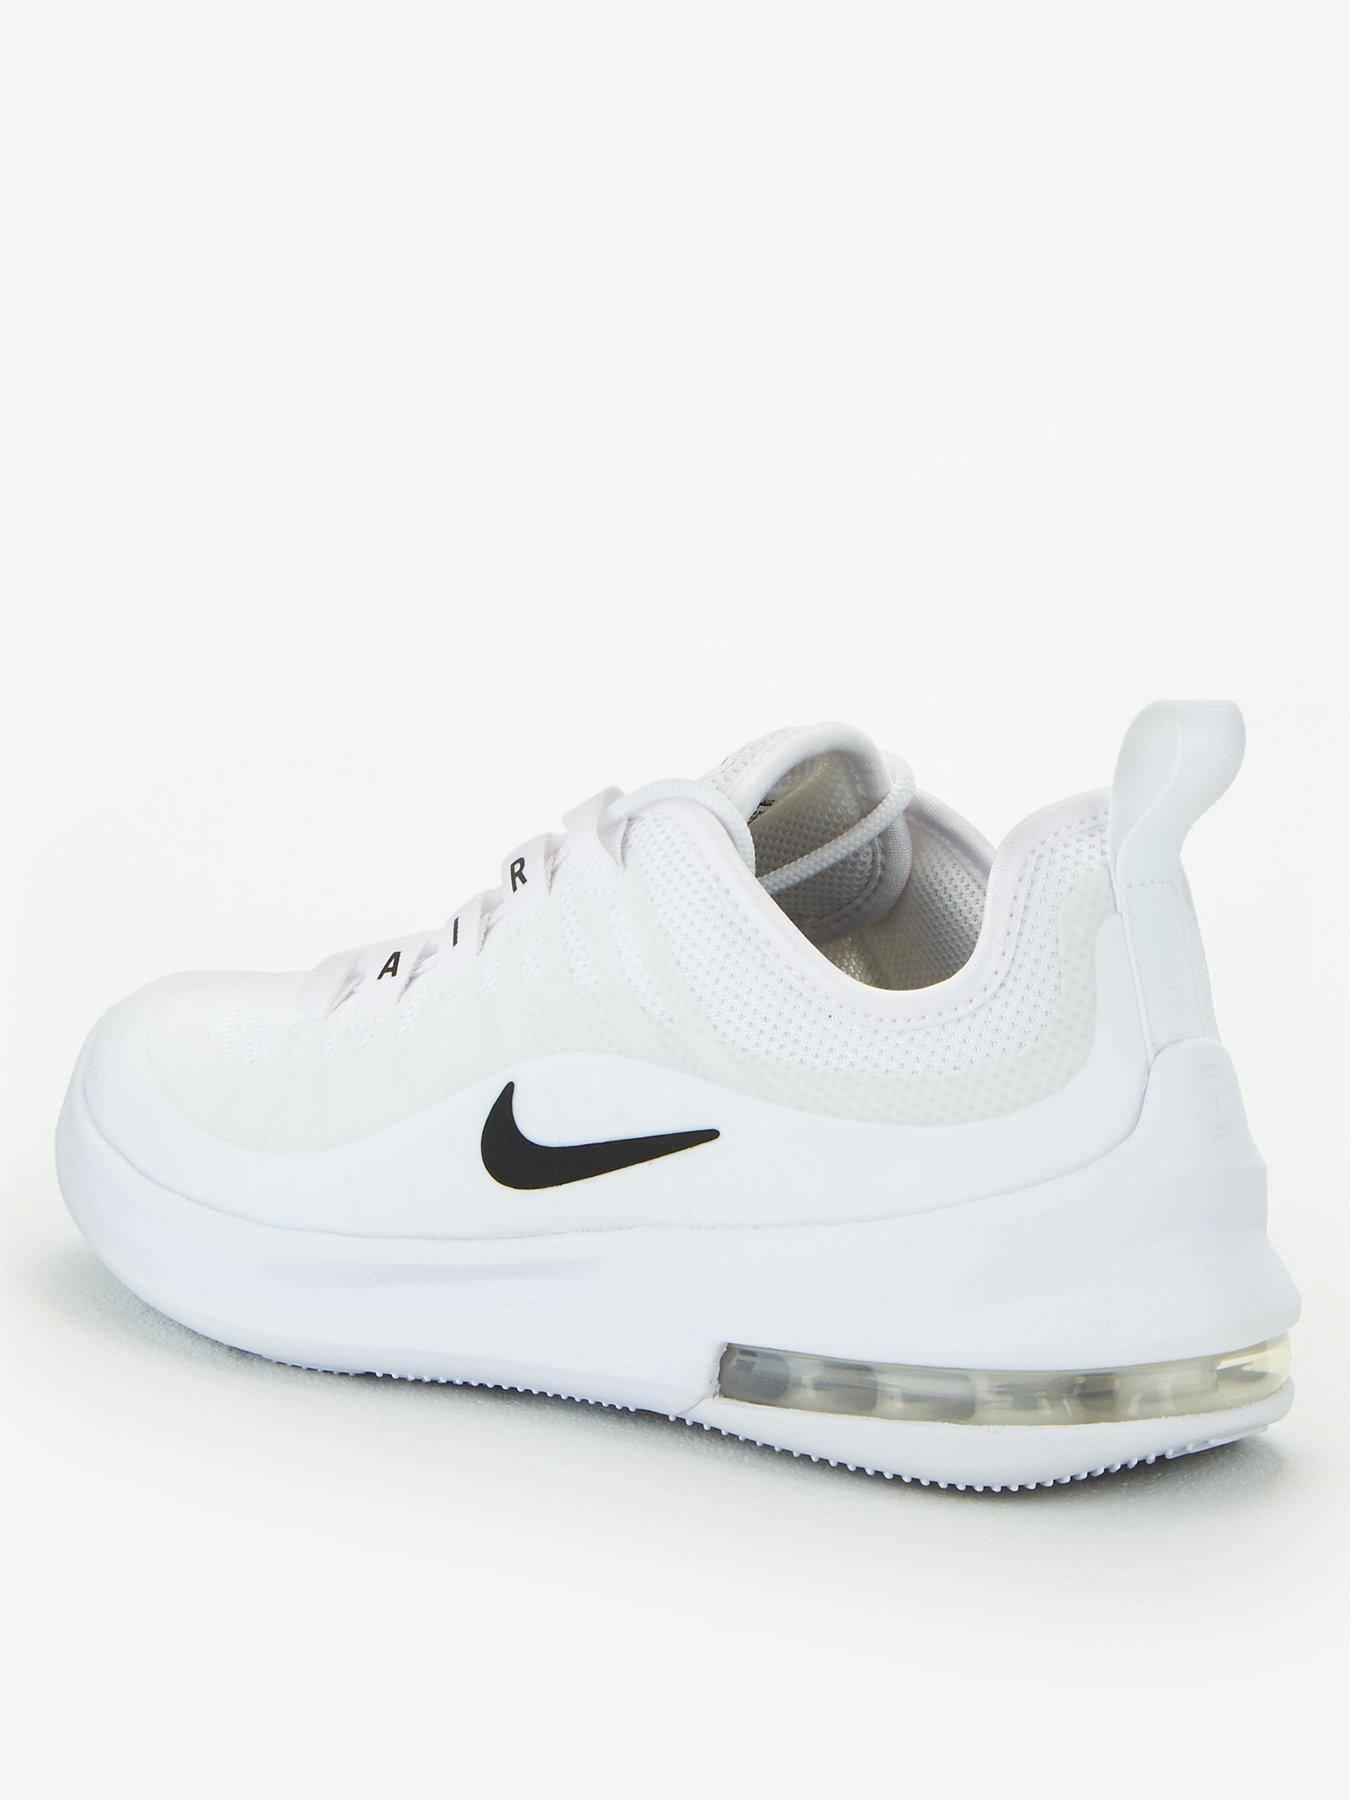 Nike Kids Air Max Axis White